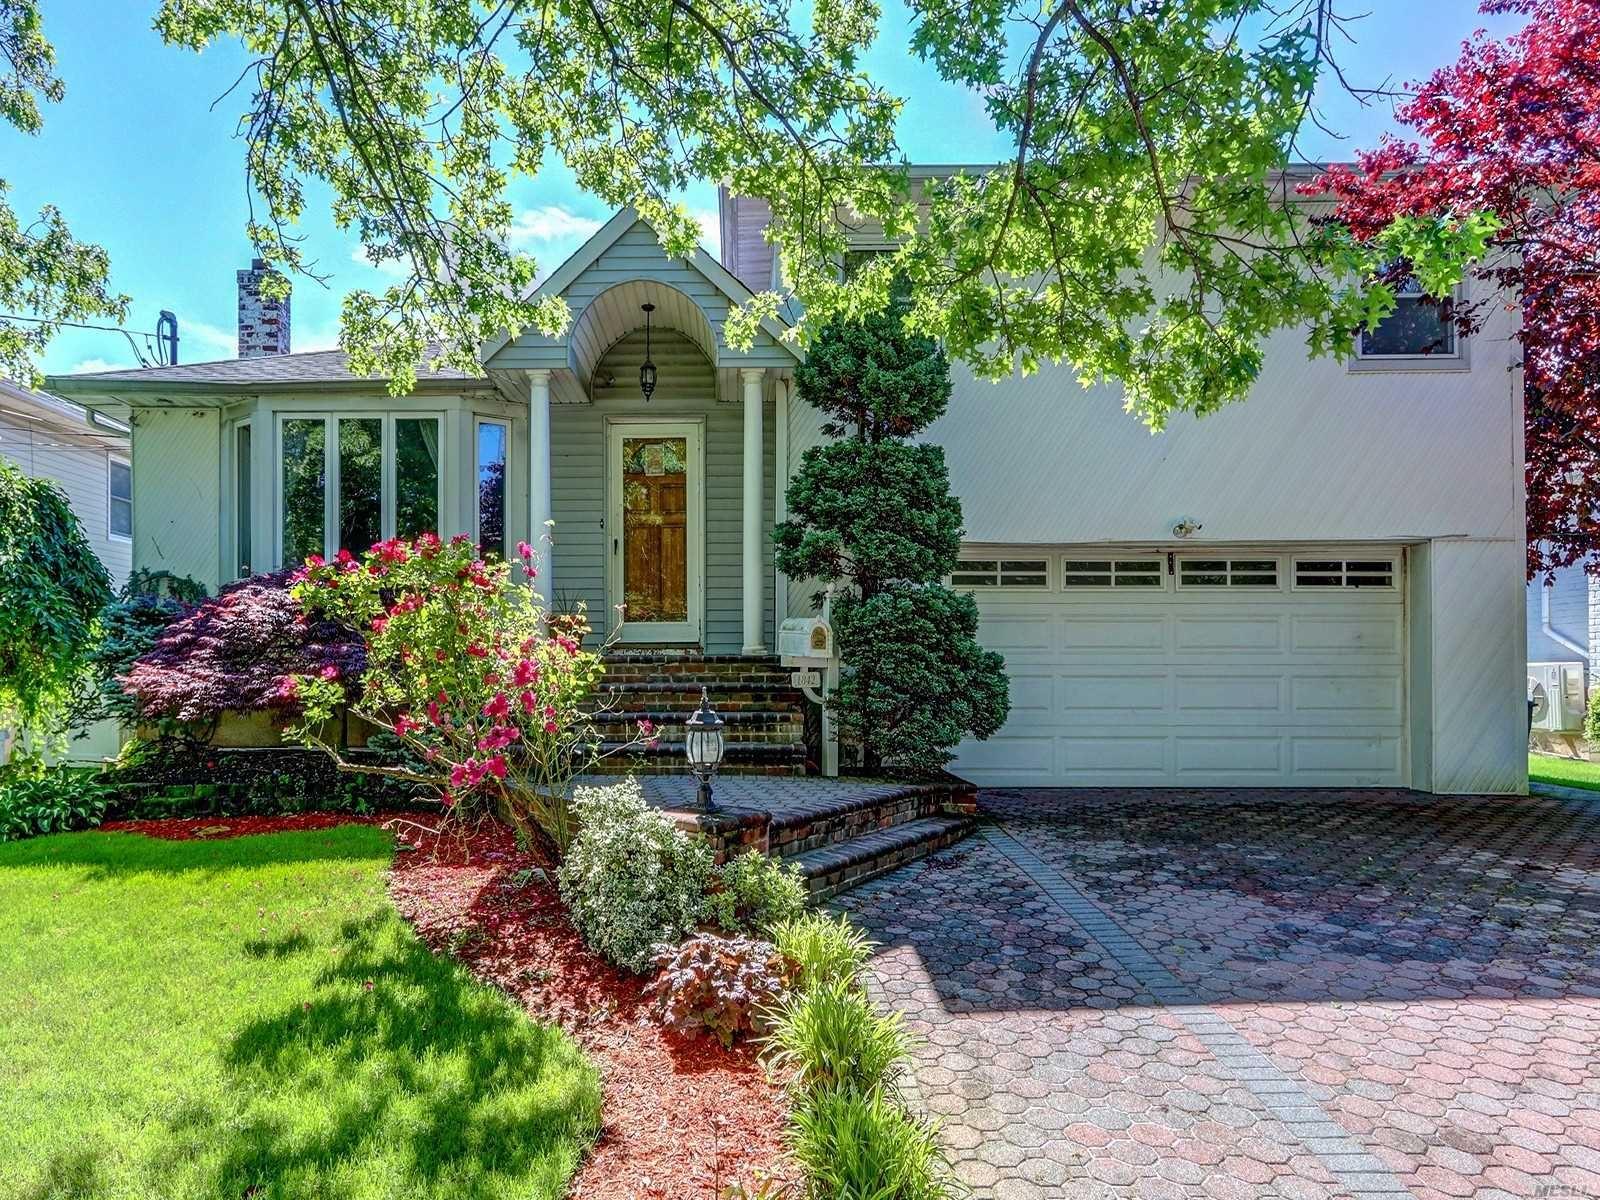 1842 Wilson Avenue, Merrick, NY 11566 - MLS#: 3222551